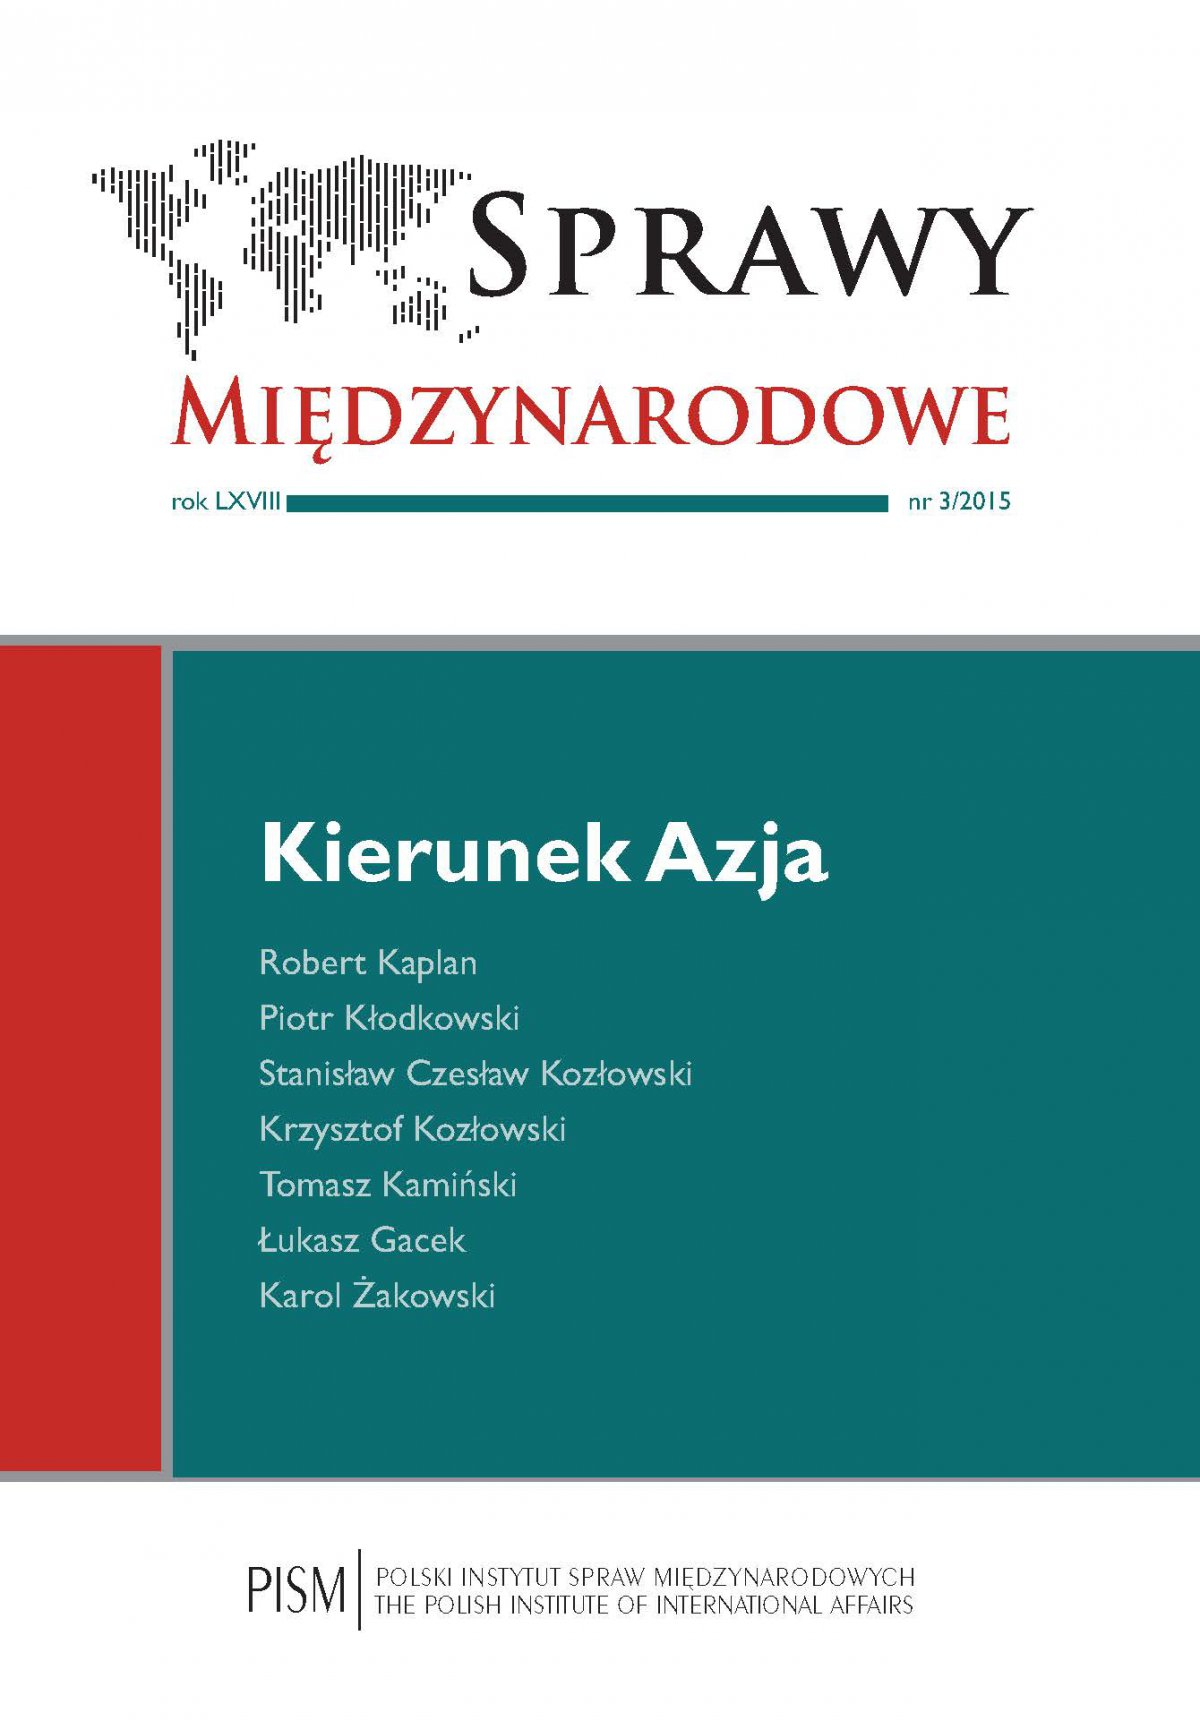 Sprawy Międzynarodowe 3/2015 - Ebook (Książka PDF) do pobrania w formacie PDF